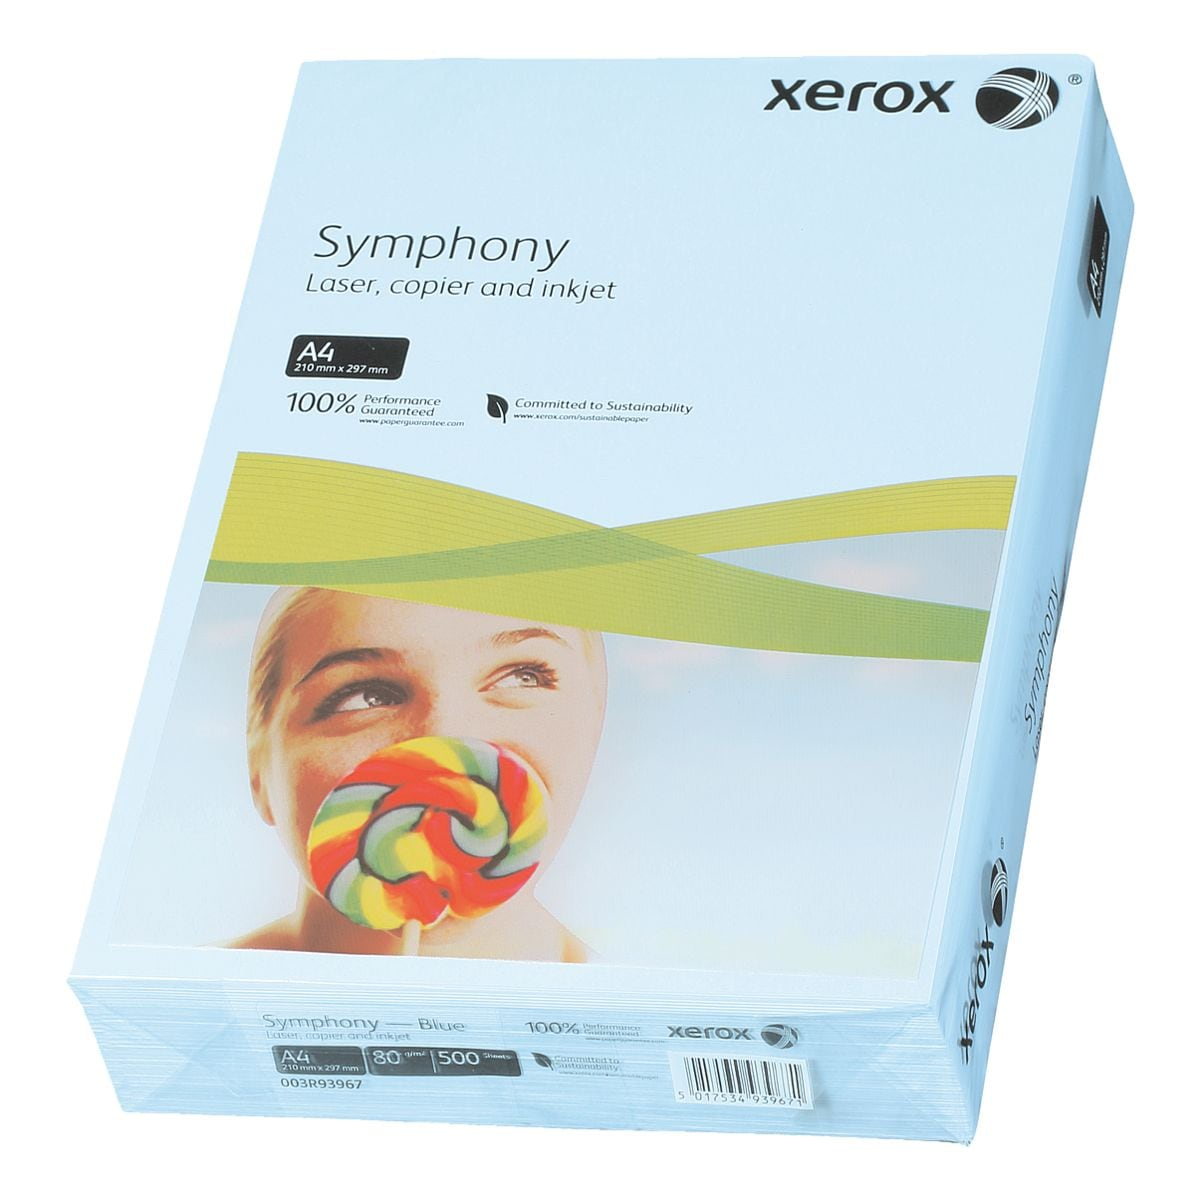 Farbiges Druckerpapier A4 Xerox Symphony - 500 Blatt gesamt